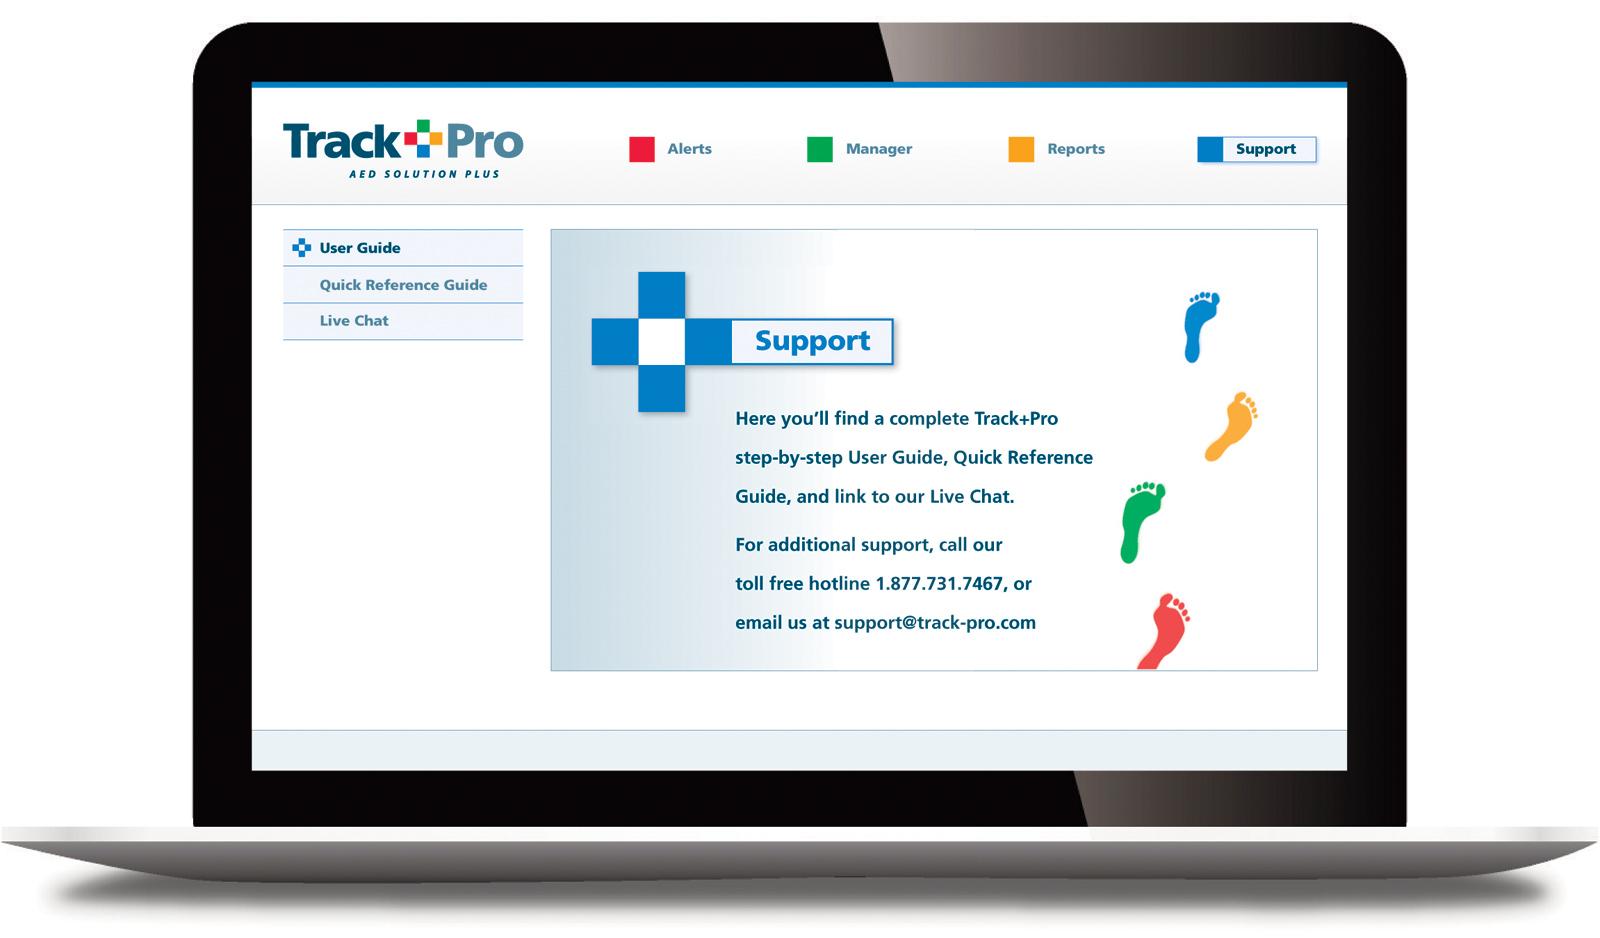 Laptop-Interface-Slides-V2-5.jpg